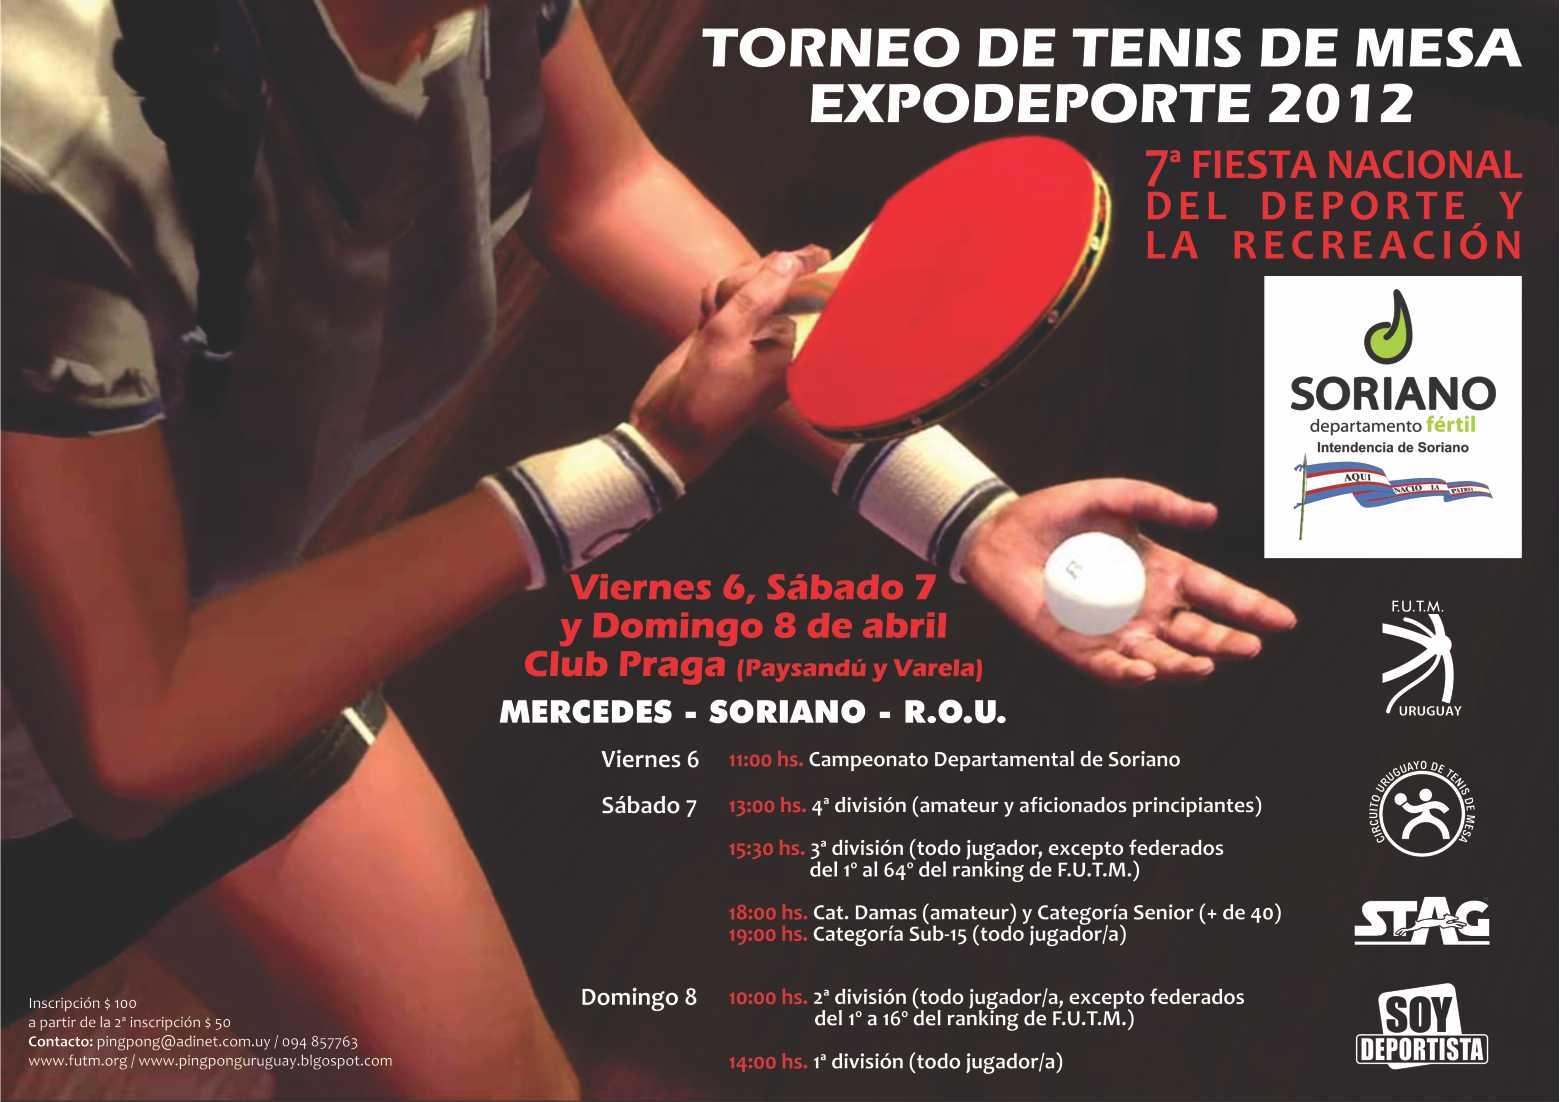 Pingpong uruguay torneo de tenis de mesa en mercedes - Torneo tenis de mesa ...